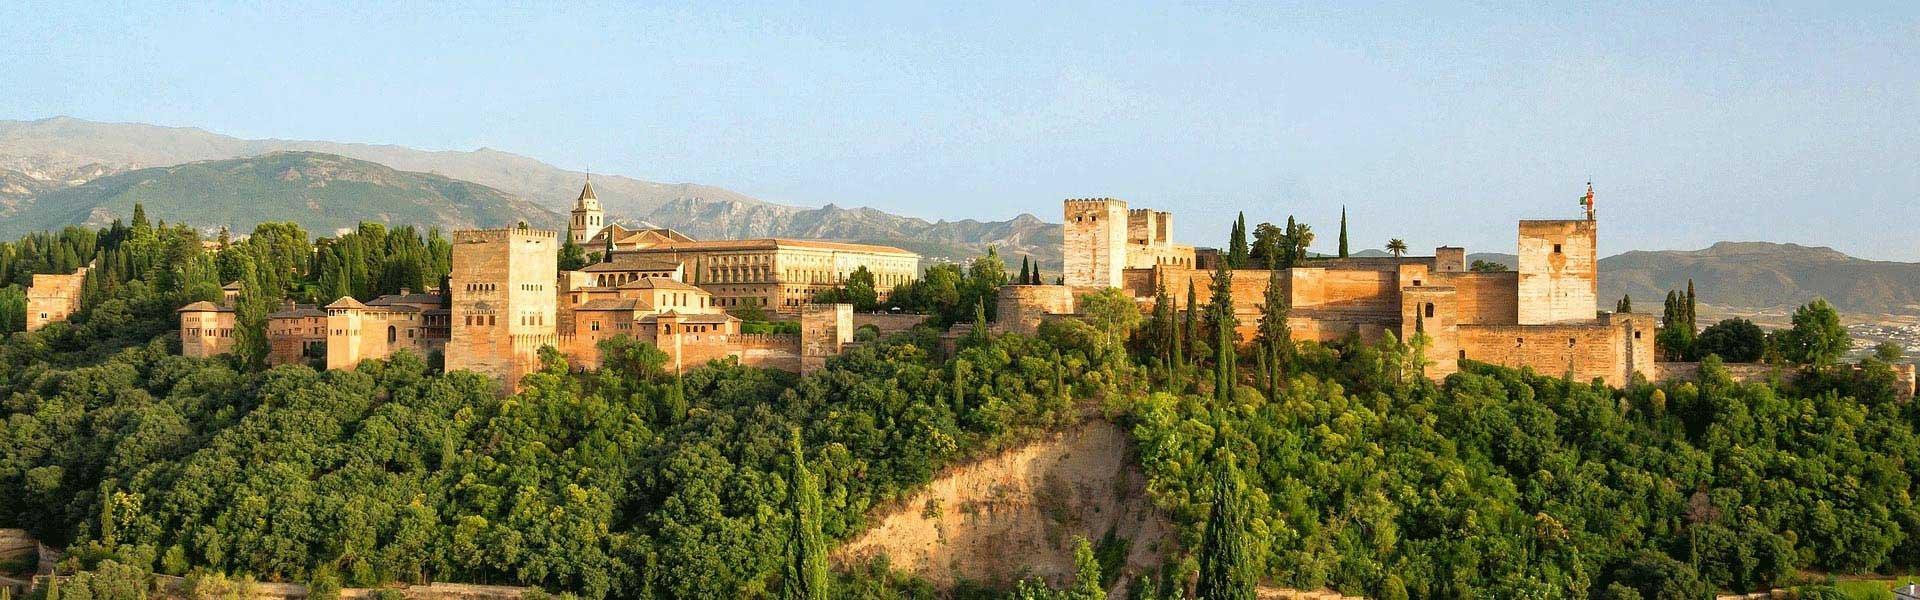 Bezoek het Alhambra in Granada tijdens een campervakantie door Andalusië in Spanje met Victoria CamperHolidays